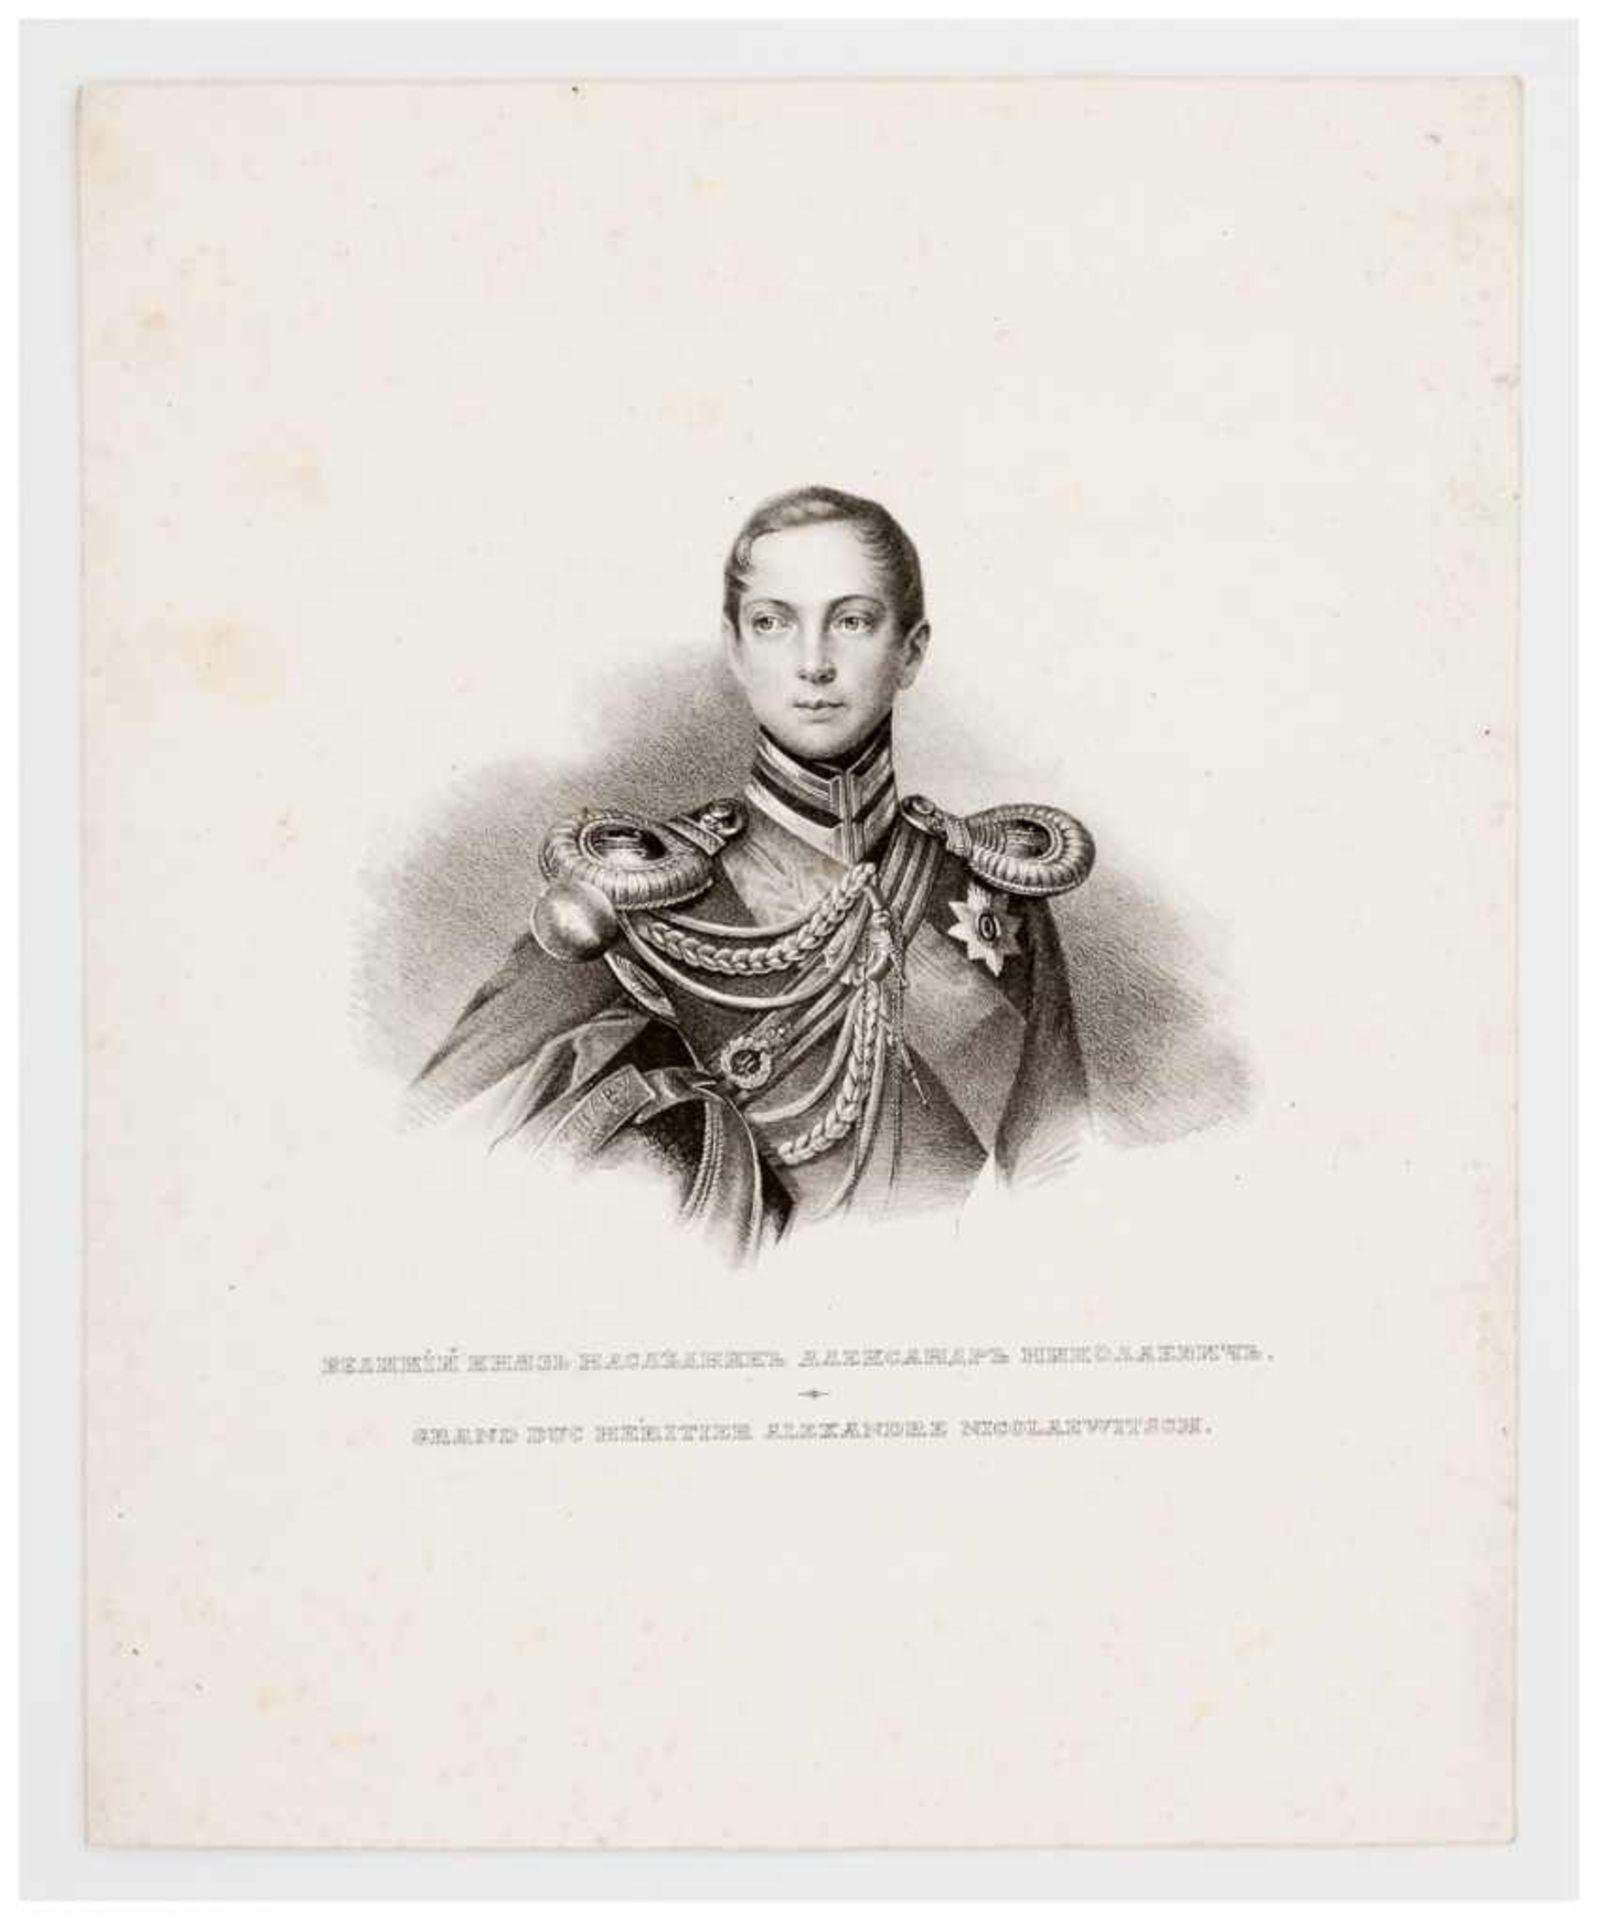 Los 48 - Grossherzog Alexander Nicolaevitsch, der spätere Zar Alexander II. Lithographie, um 1850